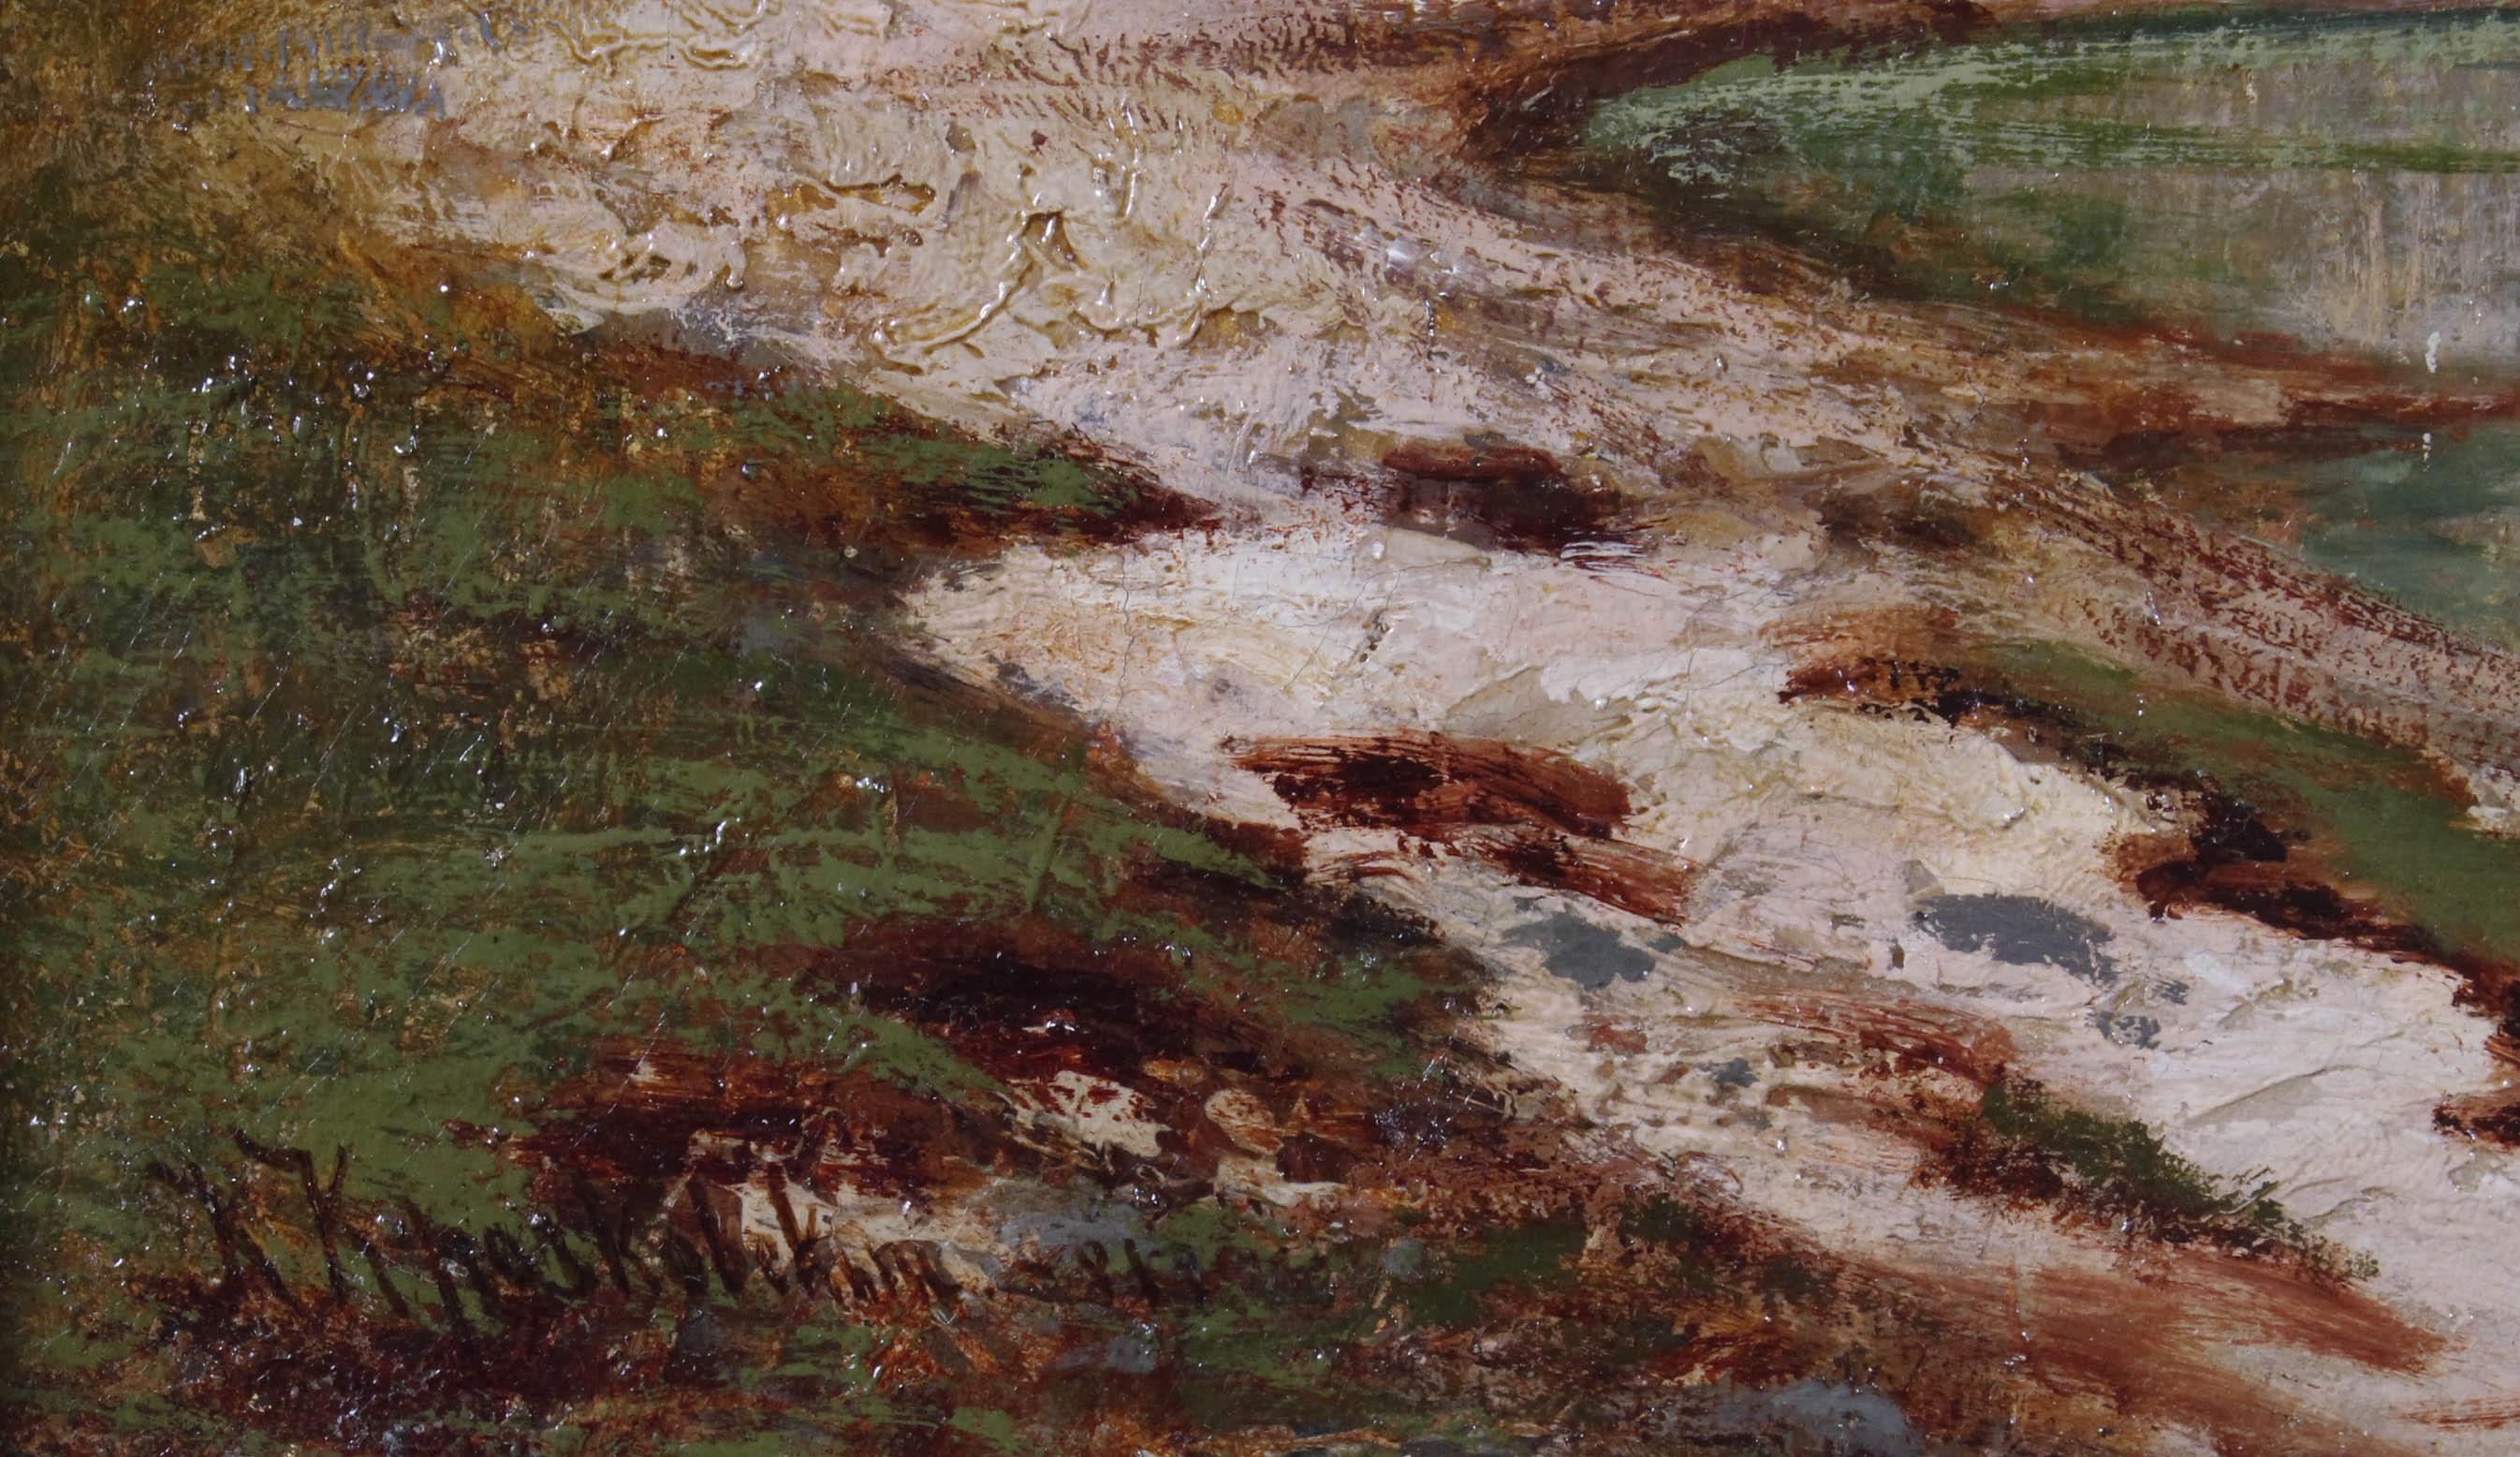 KRACZKOWSKI (Josif Jewstafjewicz Kraczkowskij) Józef Anatoliusz (Warszawa 1854 - Cadenabbia, Włochy 1914)  Pejzaż o zachodzie słońca